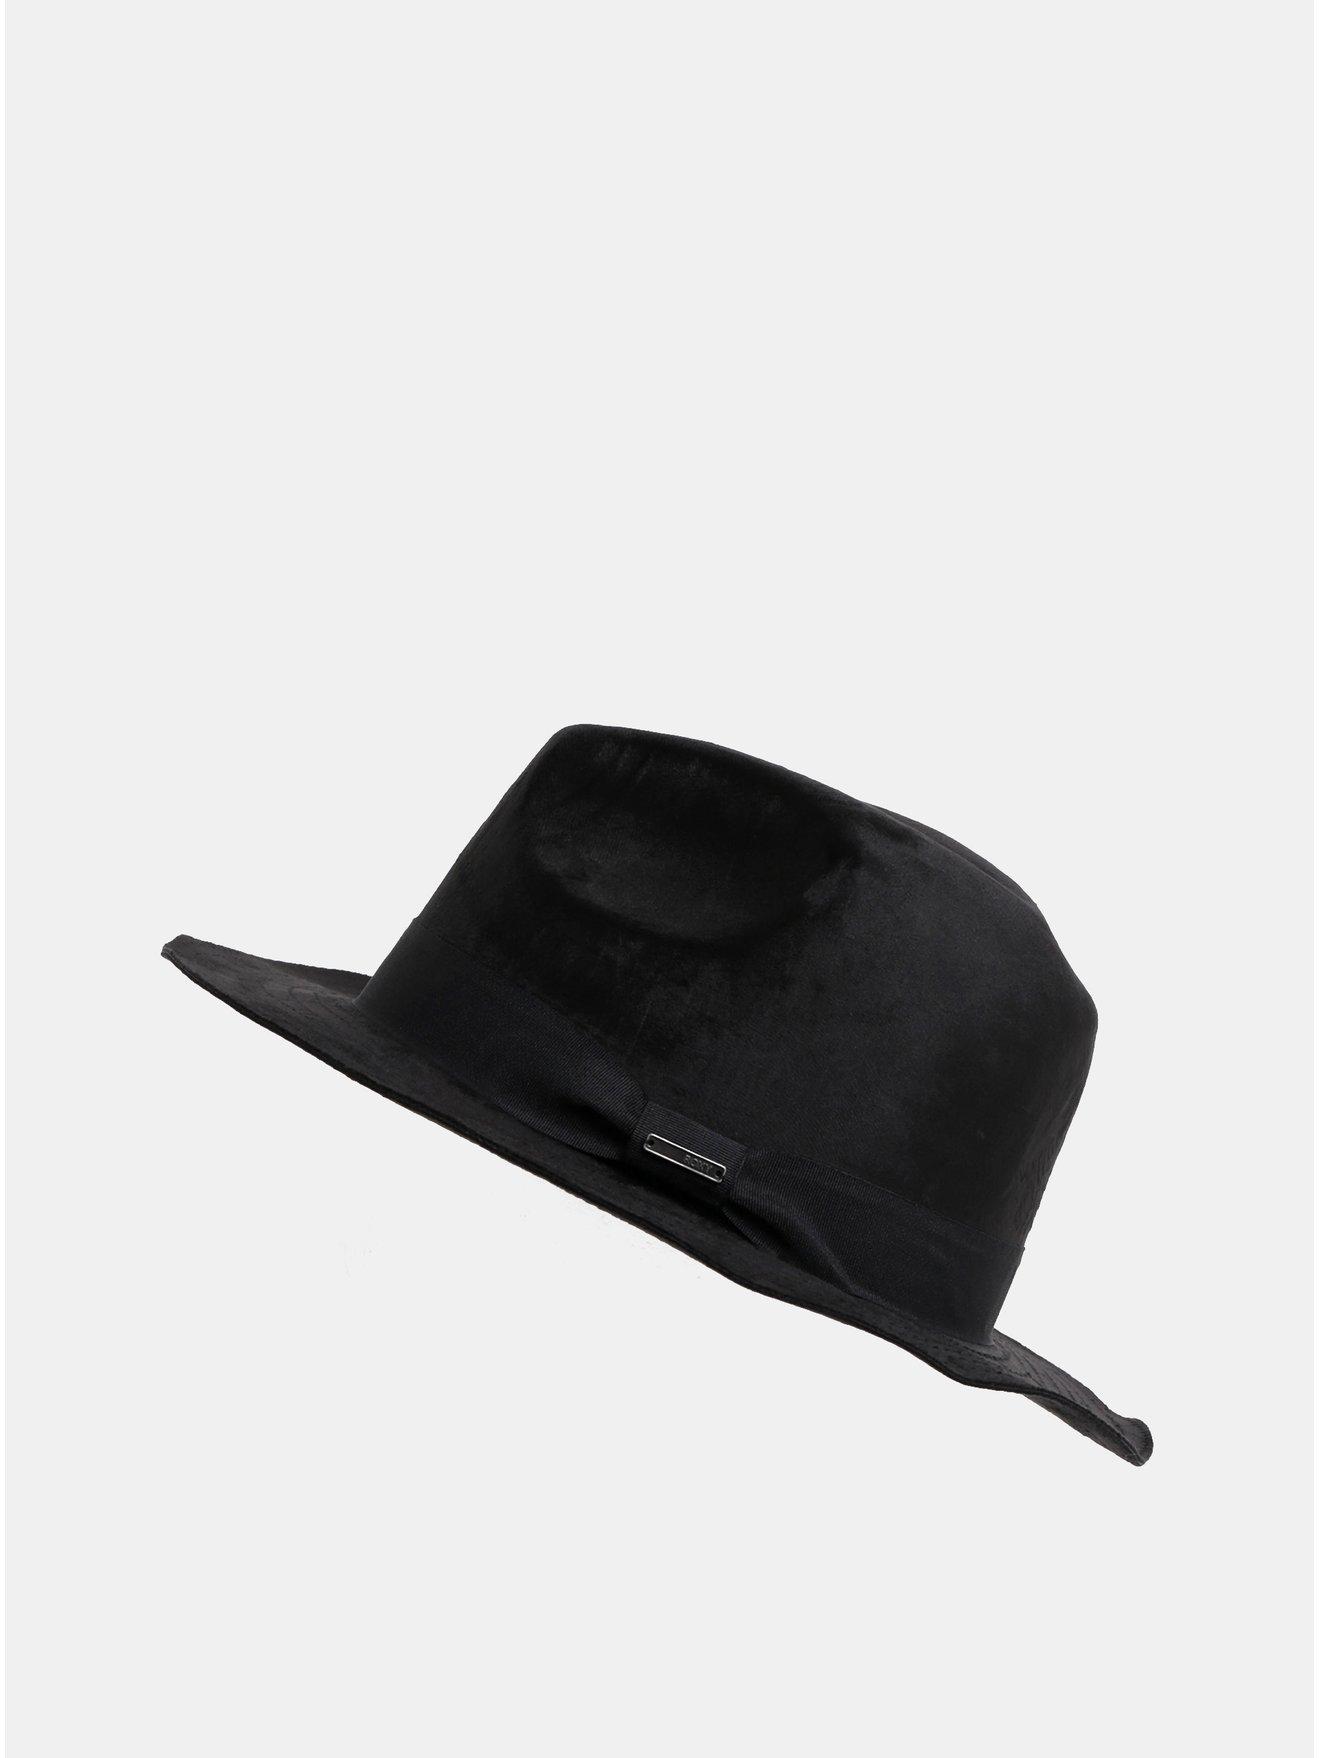 Černý dámský sametový klobouk Roxy Kind Of Love 9926a38b13